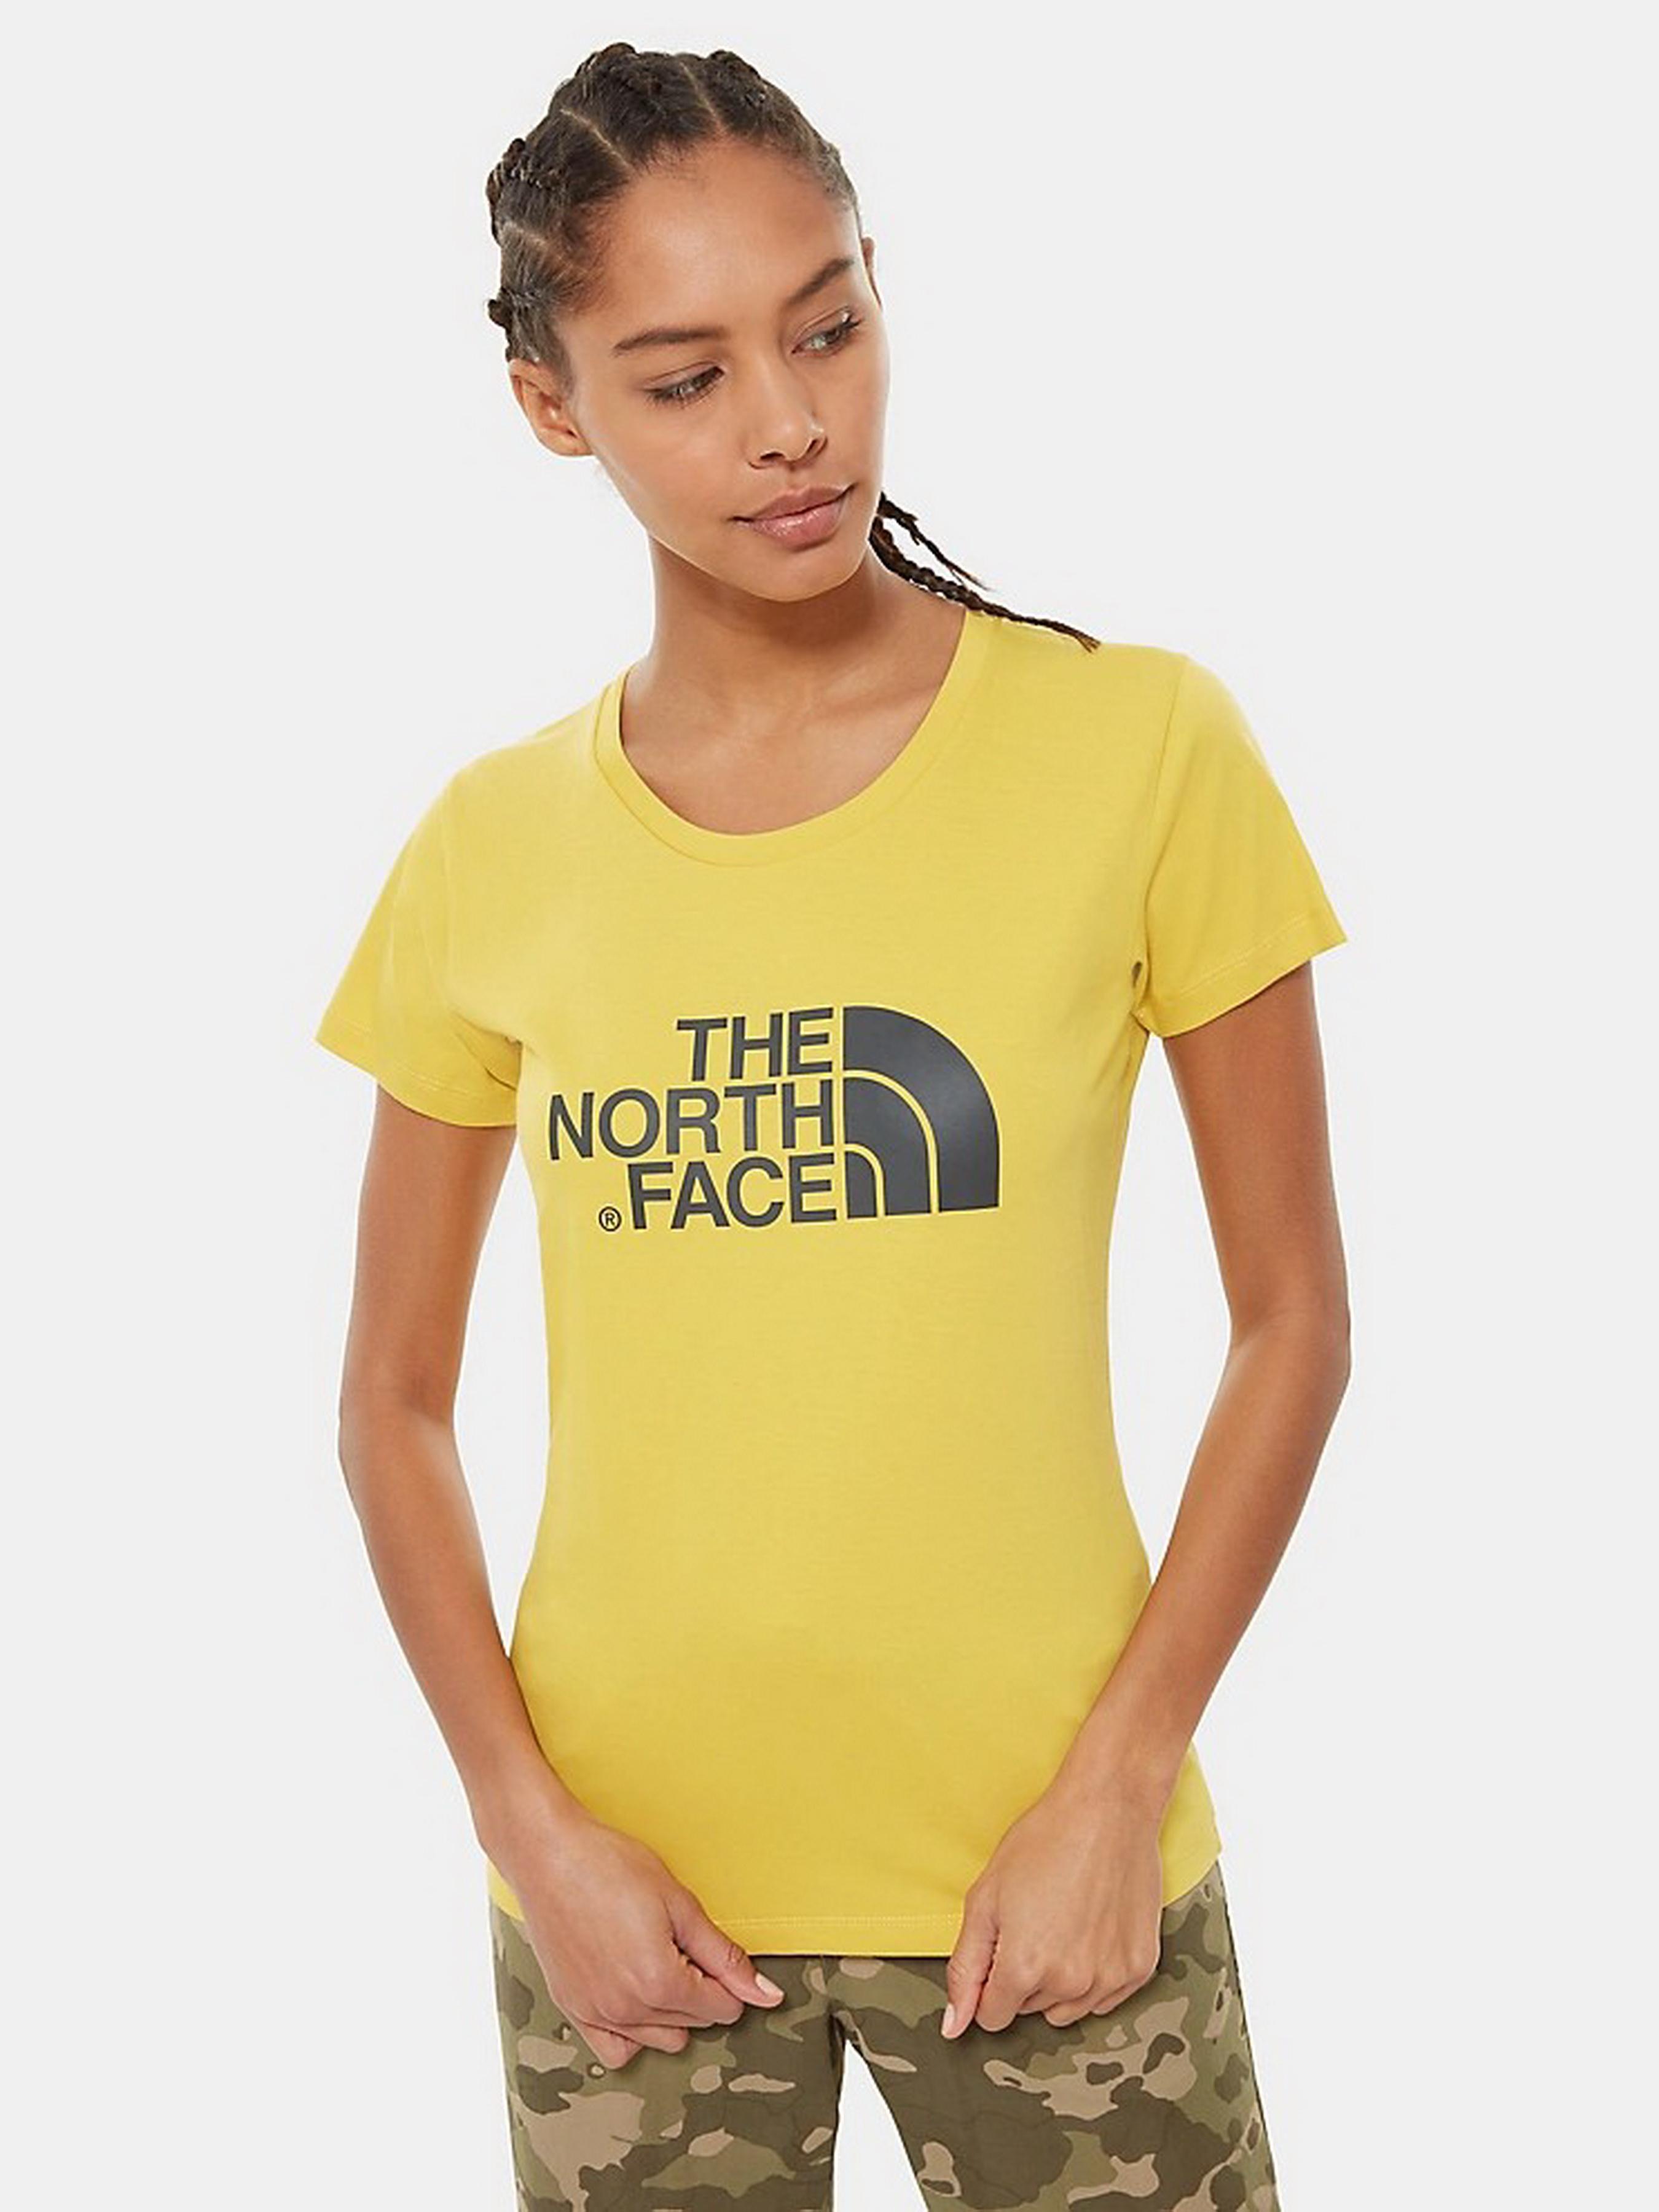 Футболка женские The North Face модель N1613 отзывы, 2017